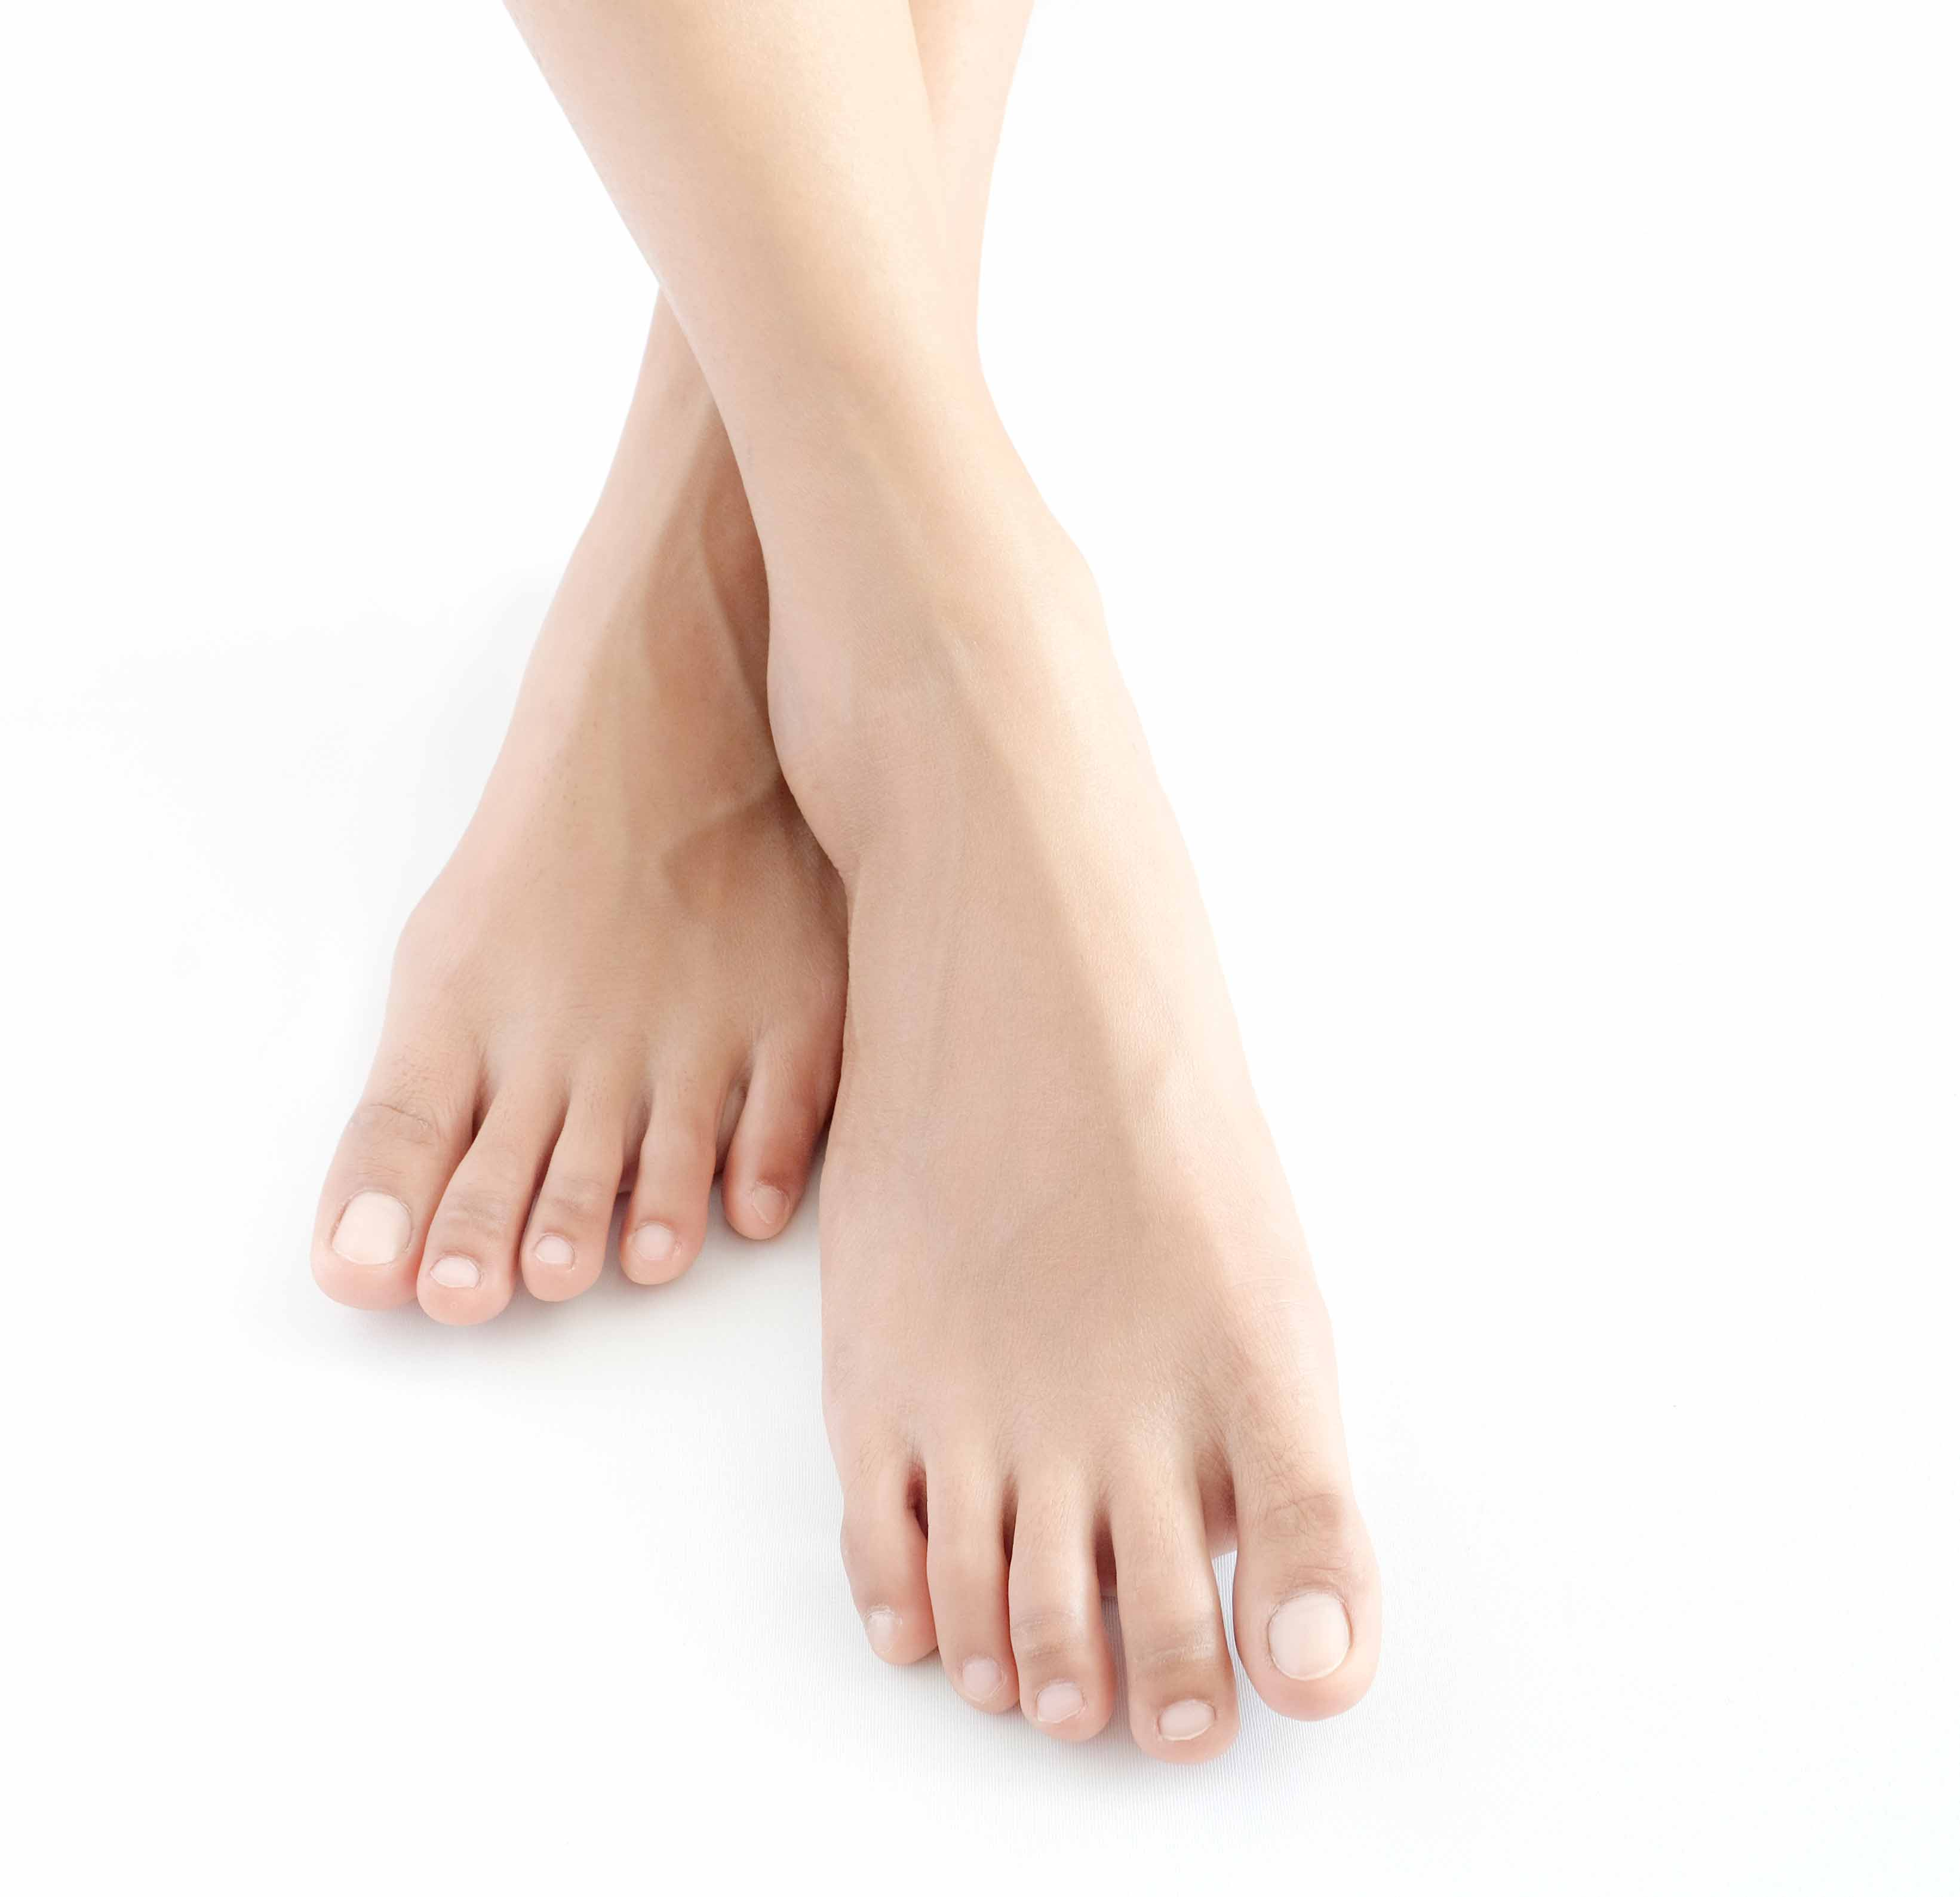 voetbehandeling